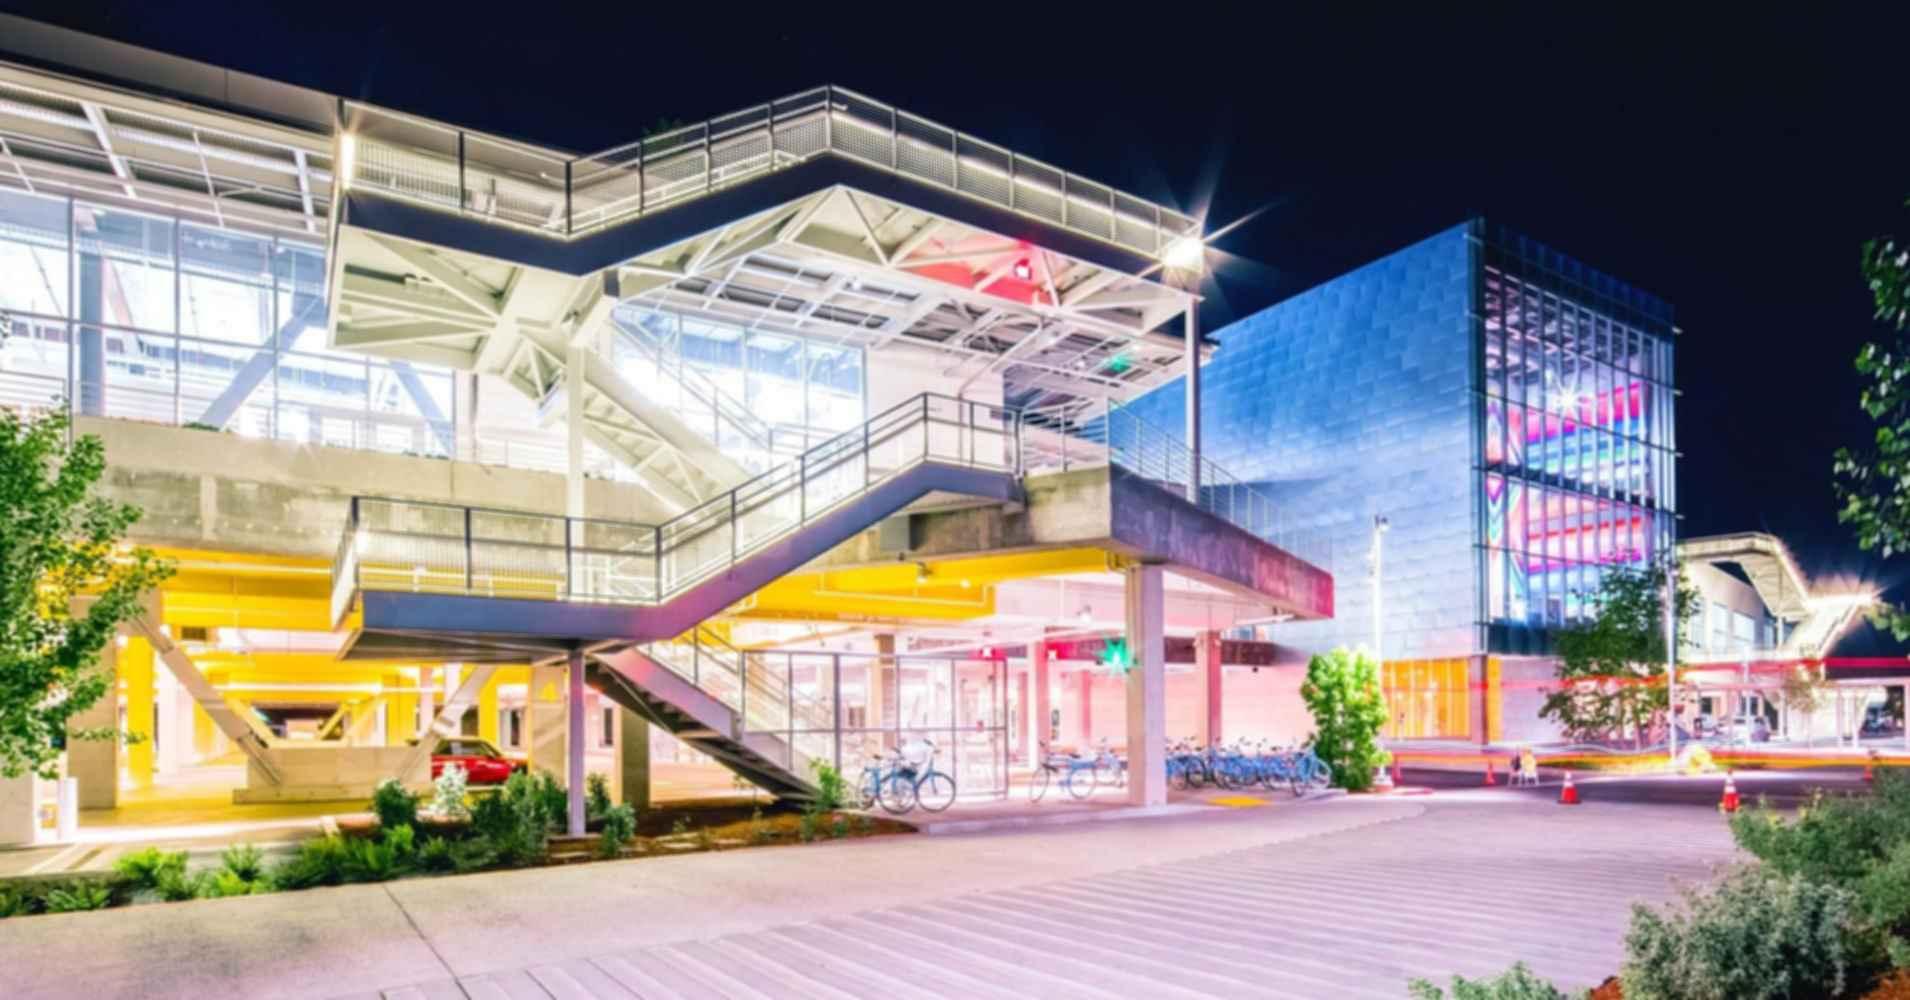 Facebook Headquarters - Exterior Night